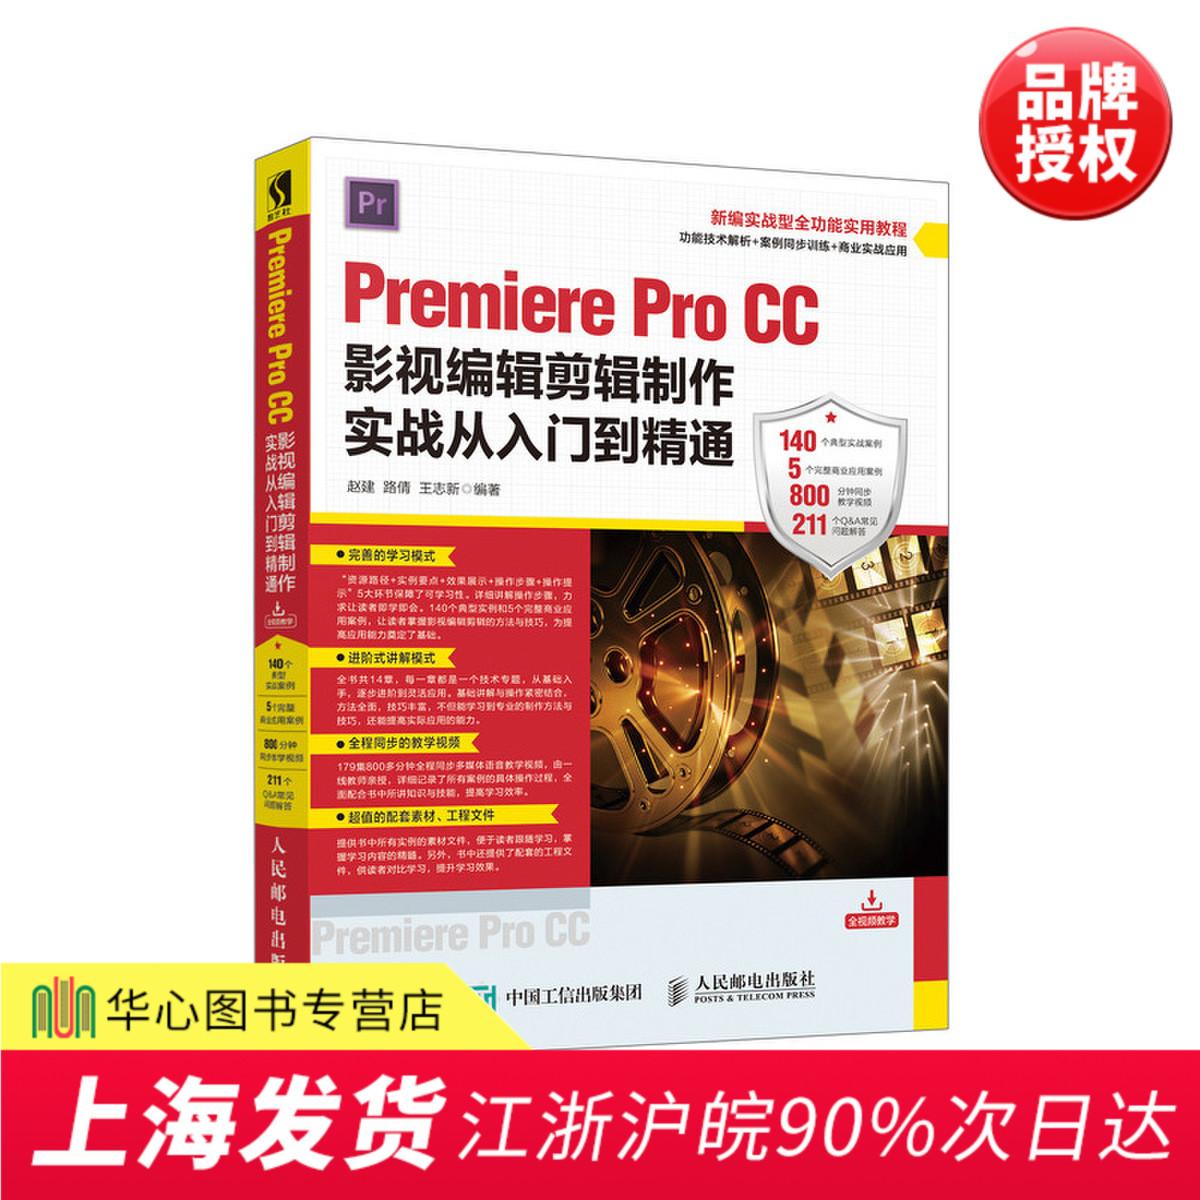 正版现货 Premiere Pro CC影视编辑剪辑制作实战从入门到精通 影视剪辑书籍 Pr入门自学书 Pr CC教程书籍 影视编辑视频制作书籍